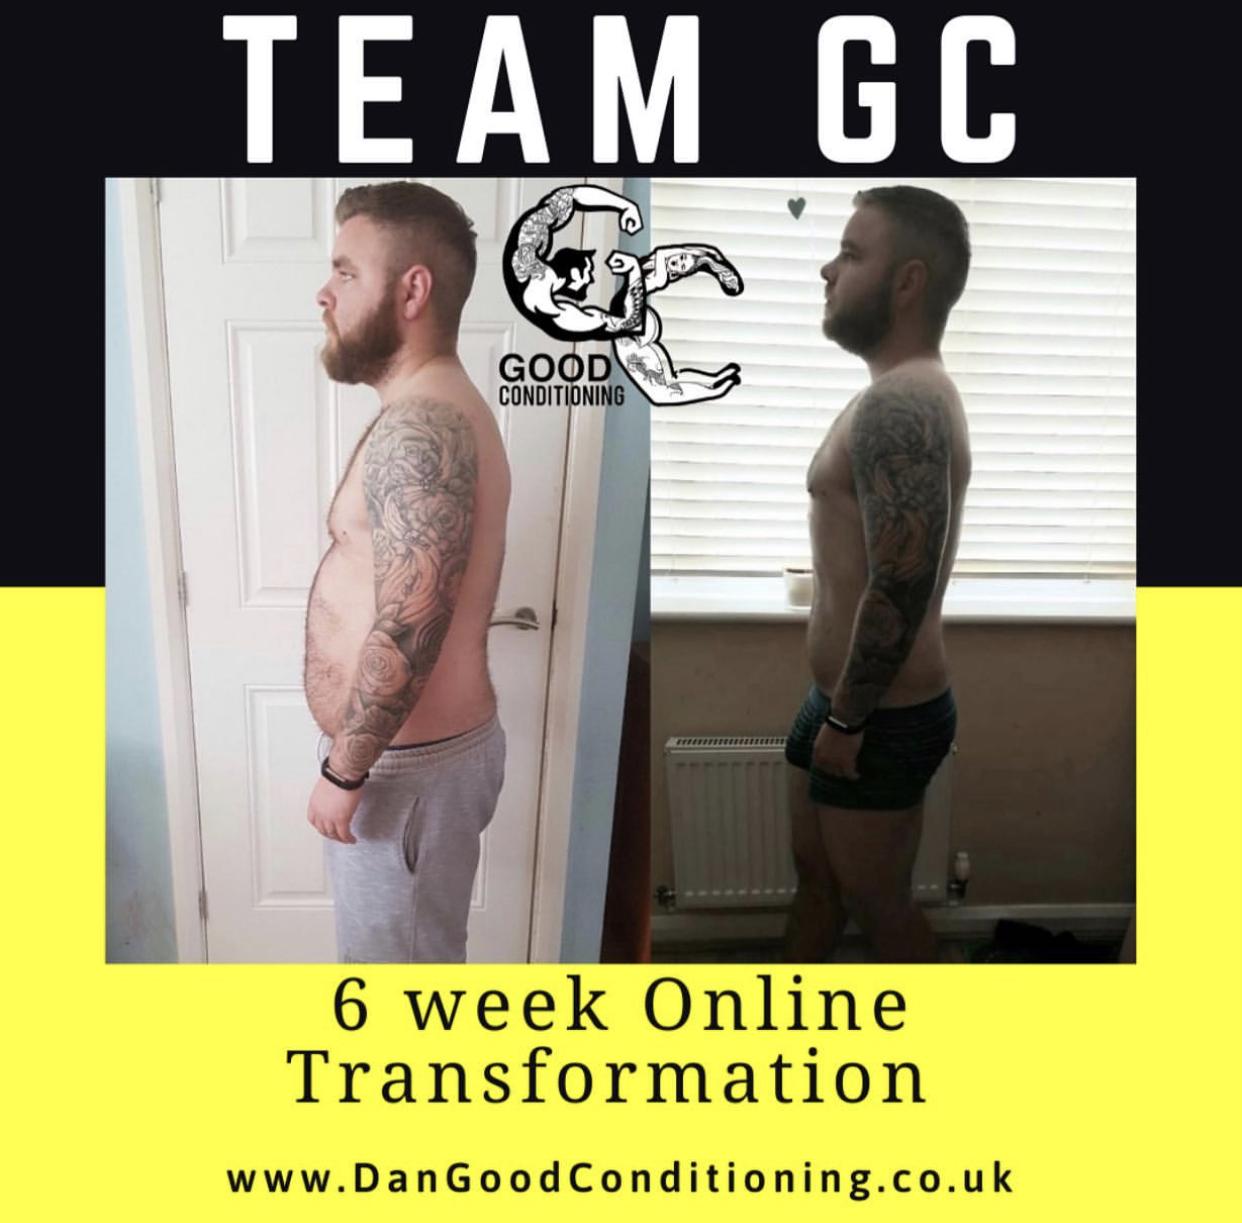 Lee Watson - Team GC Member